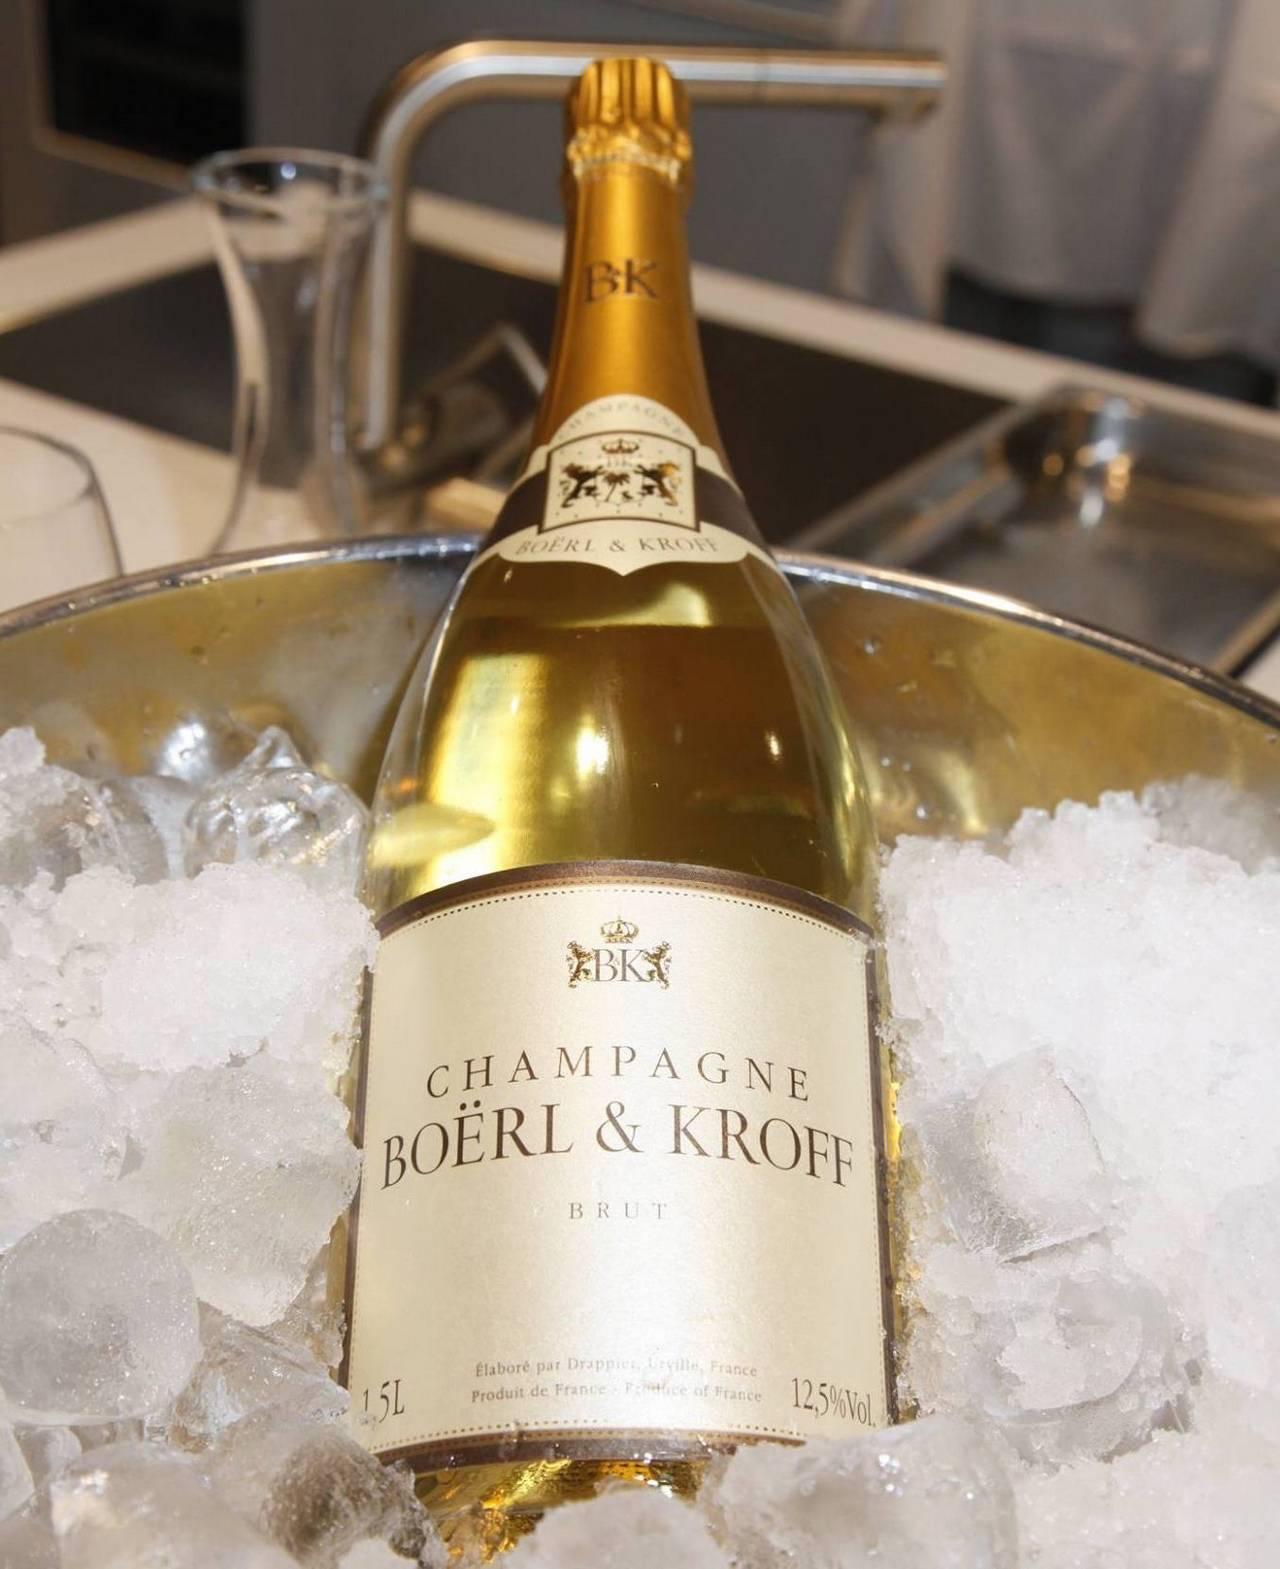 Рейтинг лучших шампанских вин: в мире, франции, россии, по версии роскачество. чем лучше похмеляться шампанским или вином?